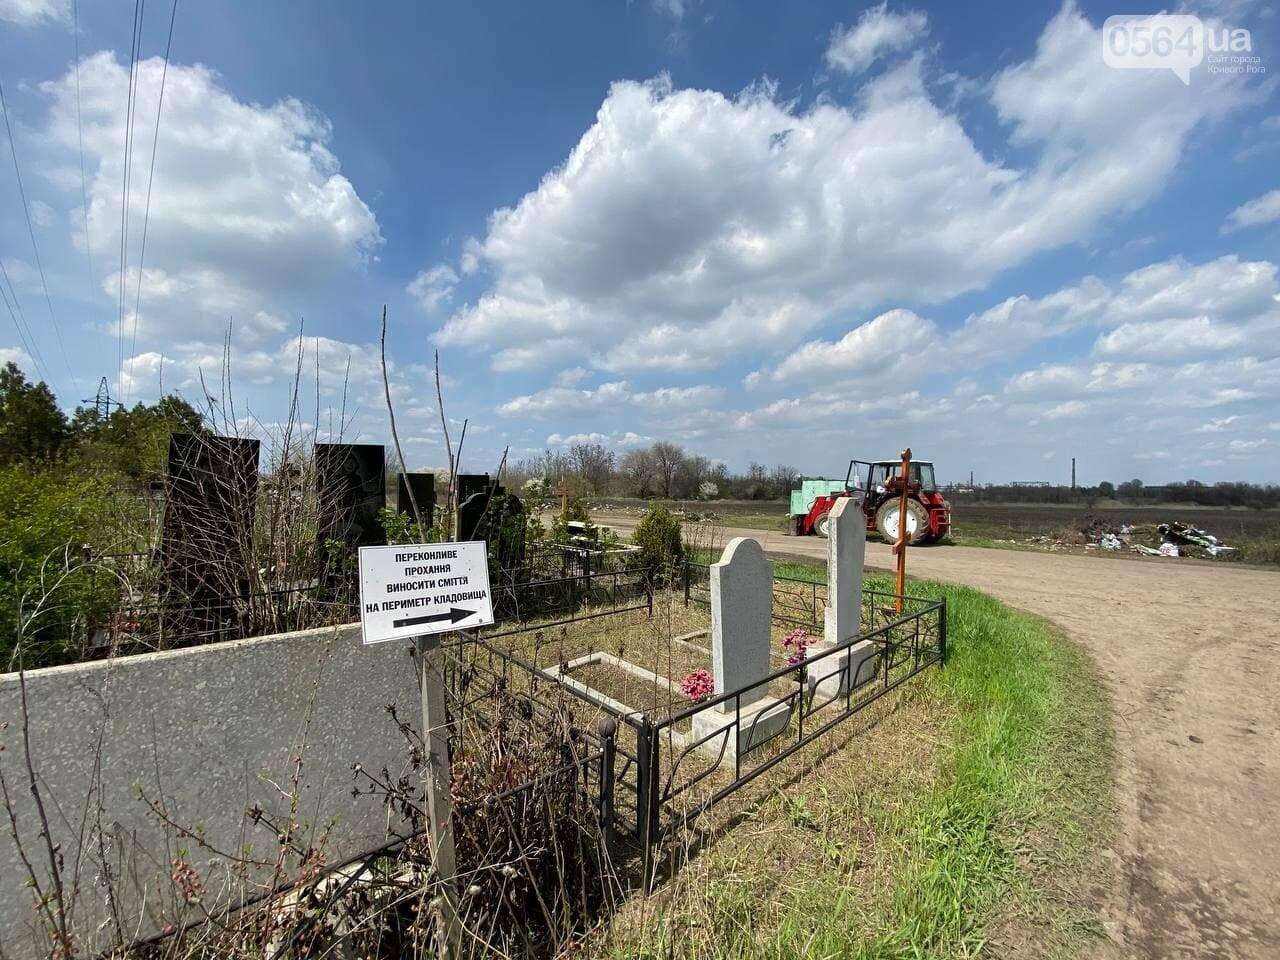 На криворожских кладбищах накануне поминальных дней в усиленном режиме работает спецтехника, - ФОТО, ВИДЕО , фото-13